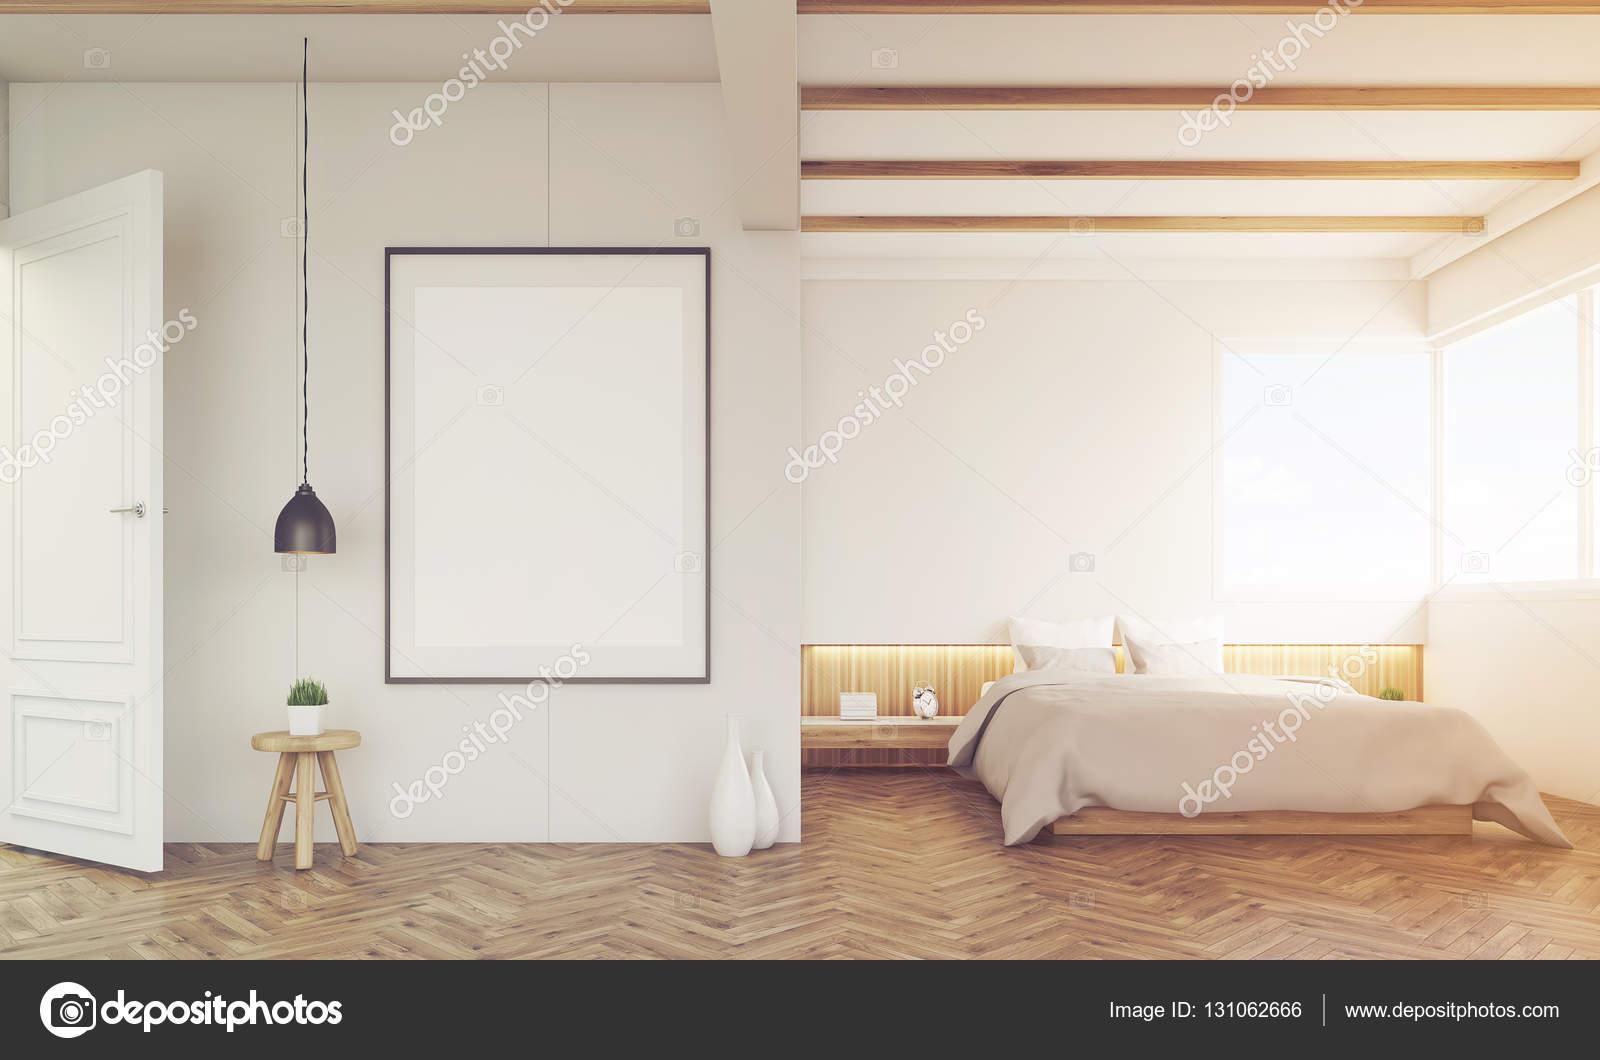 Camera Da Letto Con Divano : Camera da letto con divano e poster con cornice tonica u foto